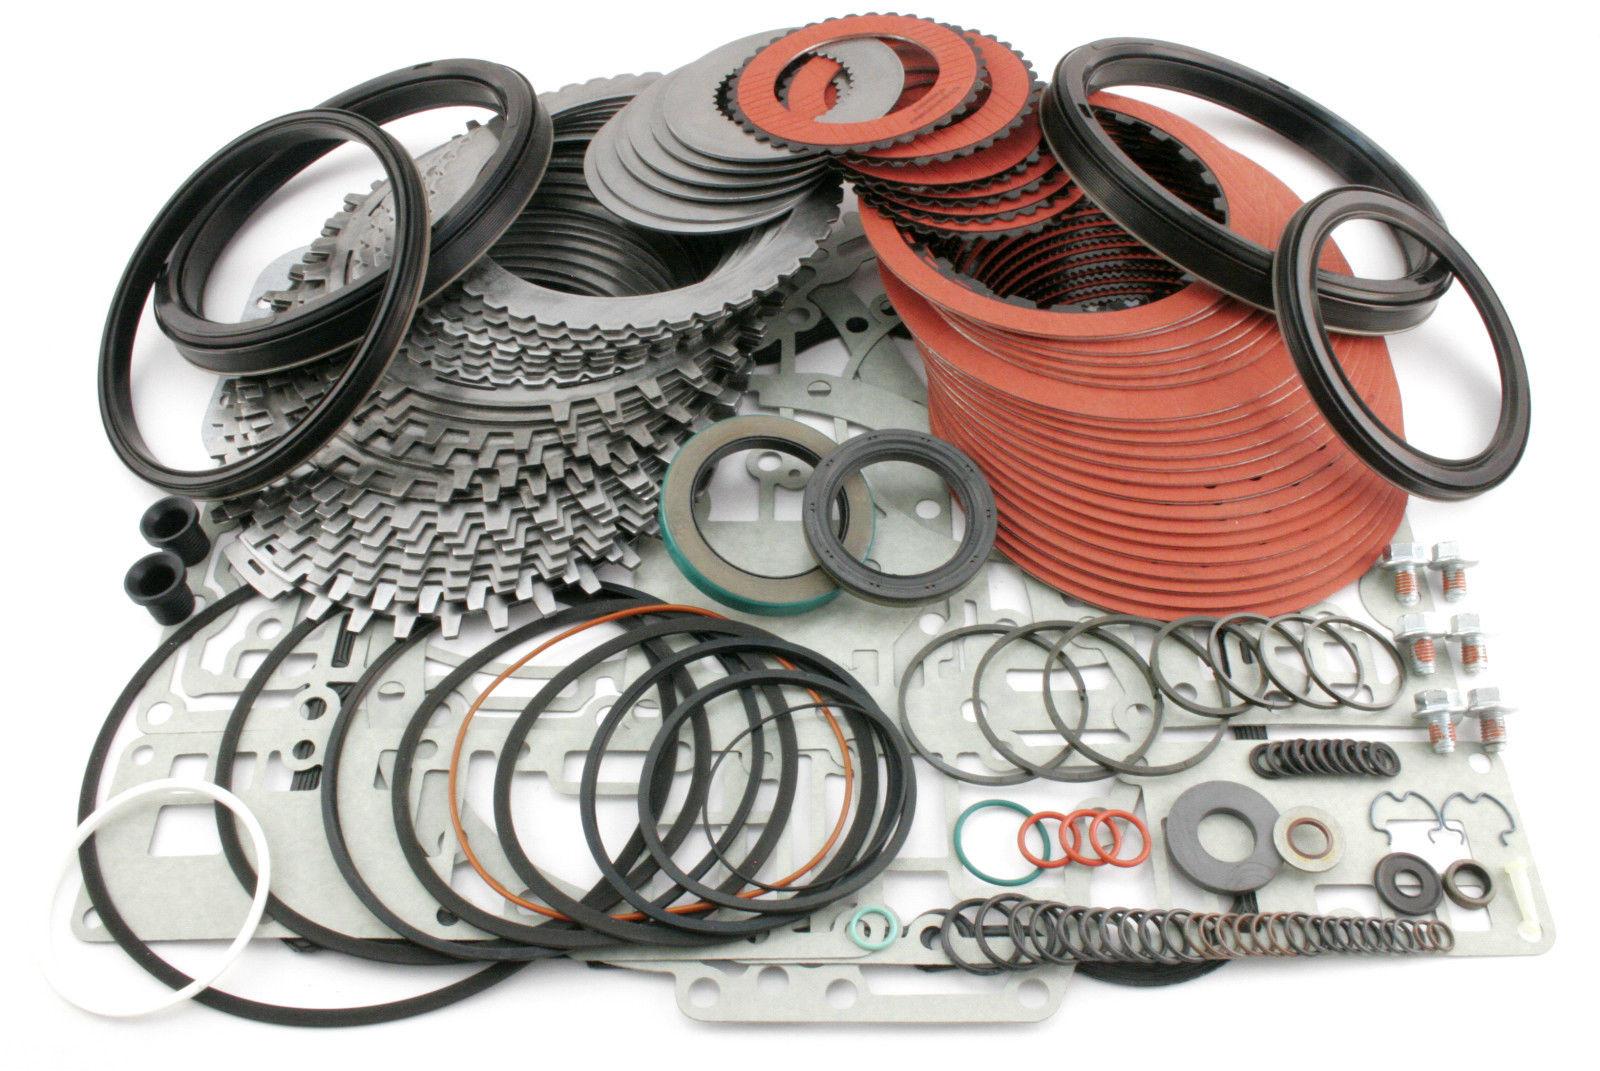 Alto Red Eagle Master Rebuild Kit for Allison 1000, 2000 and 2400  transmissions 2006-2009